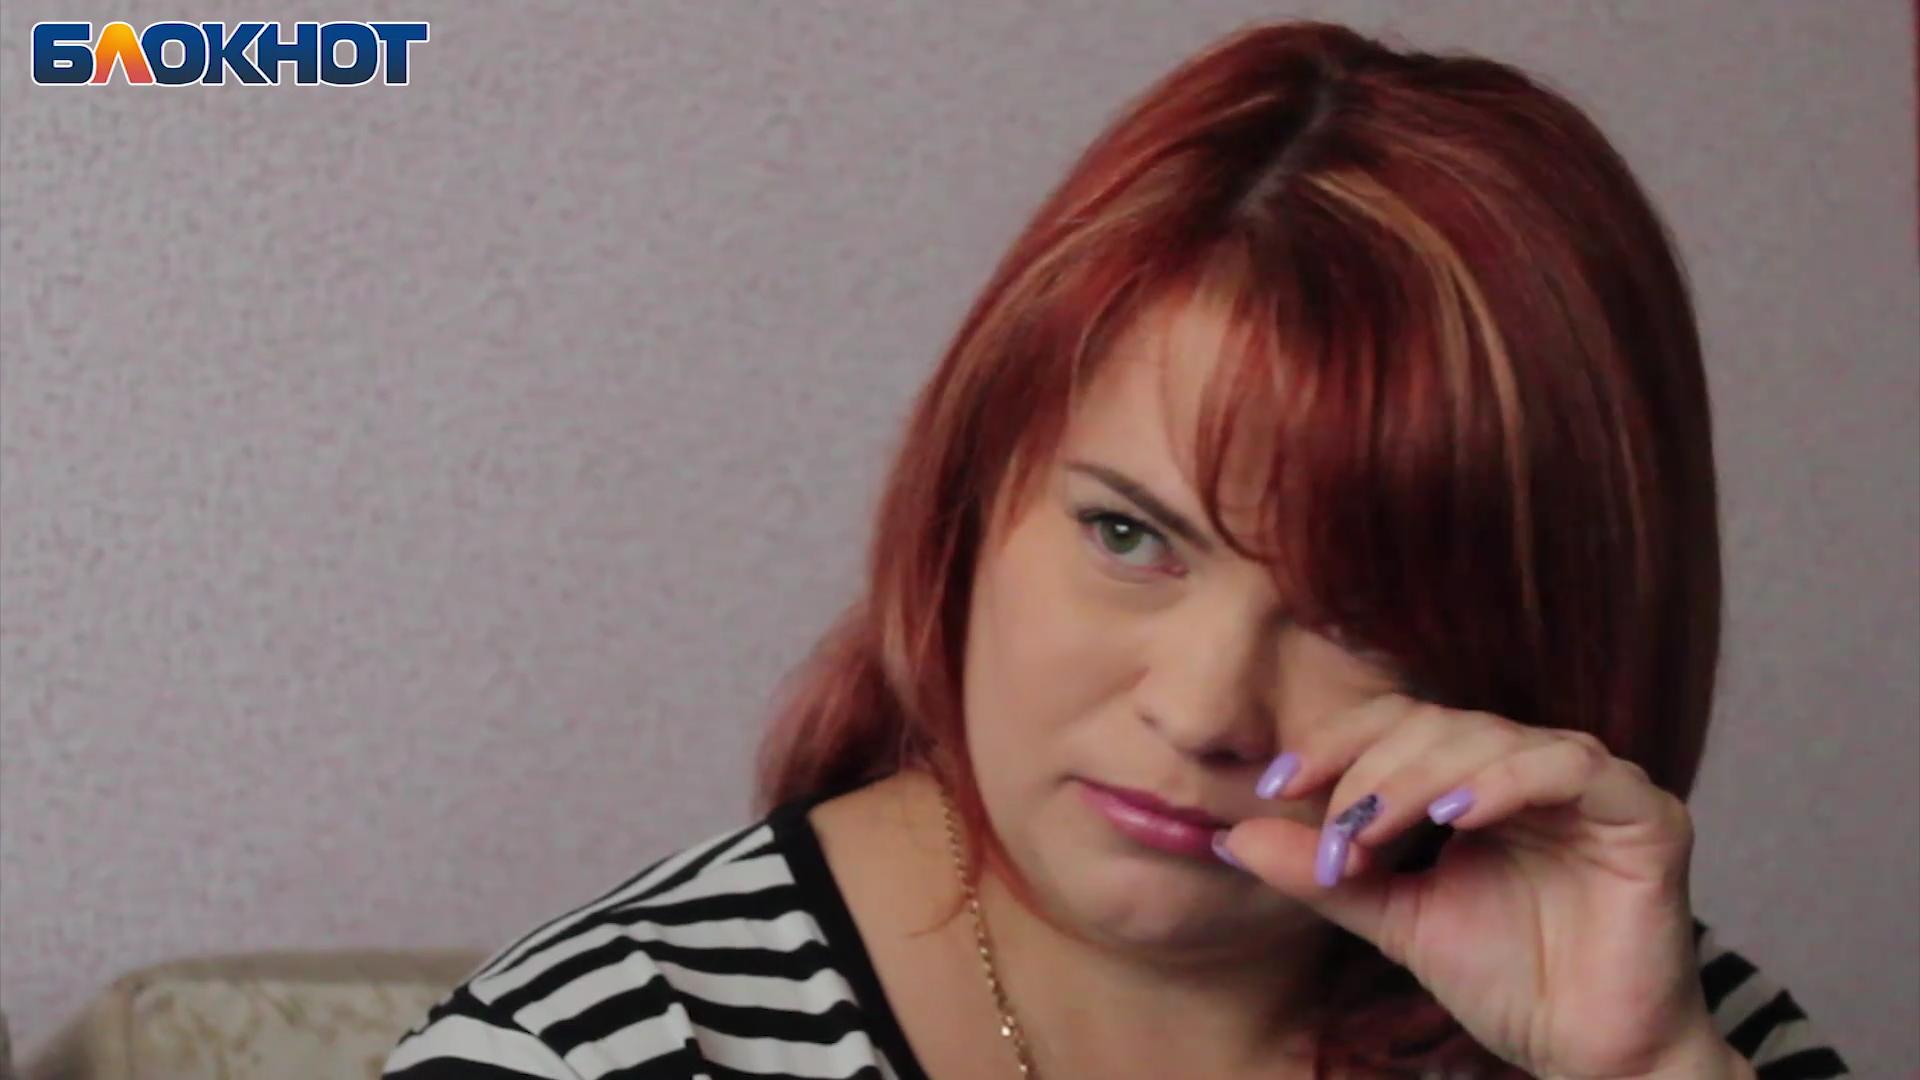 Не боюсь перемен, боюсь скуки! – Анастасия Шипилова, участница проекта «Преображение»